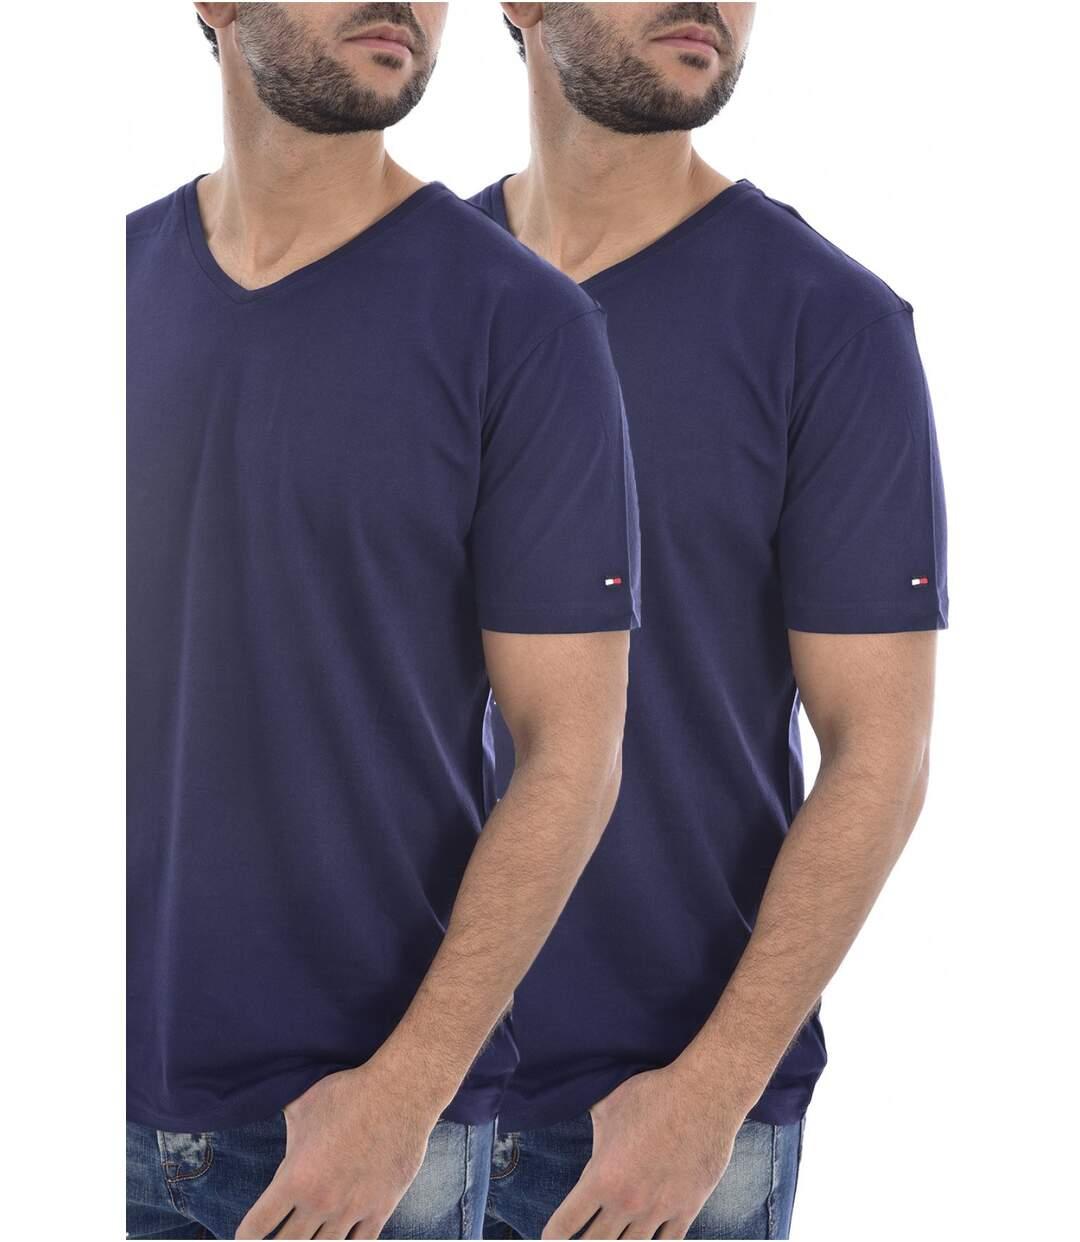 Lot de 2 Tee shirts coton uni  -  Tommy Jeans - Homme